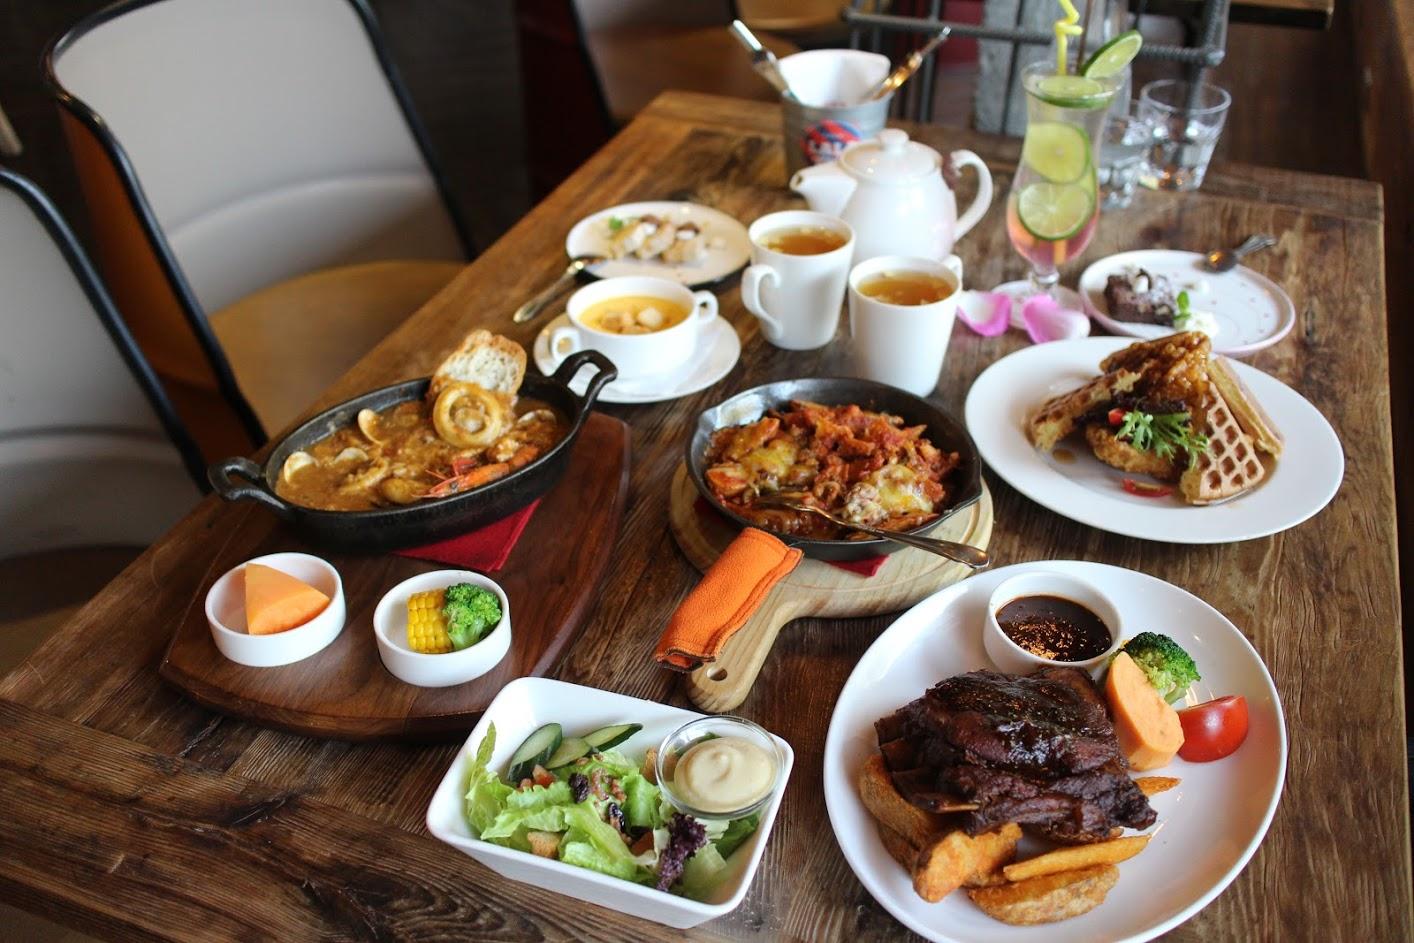 桃園中央大學美食-LA LA Kitchen美式餐廳,情侶約會、同學聚餐聚餐好地方 @秤瓶樂遊遊